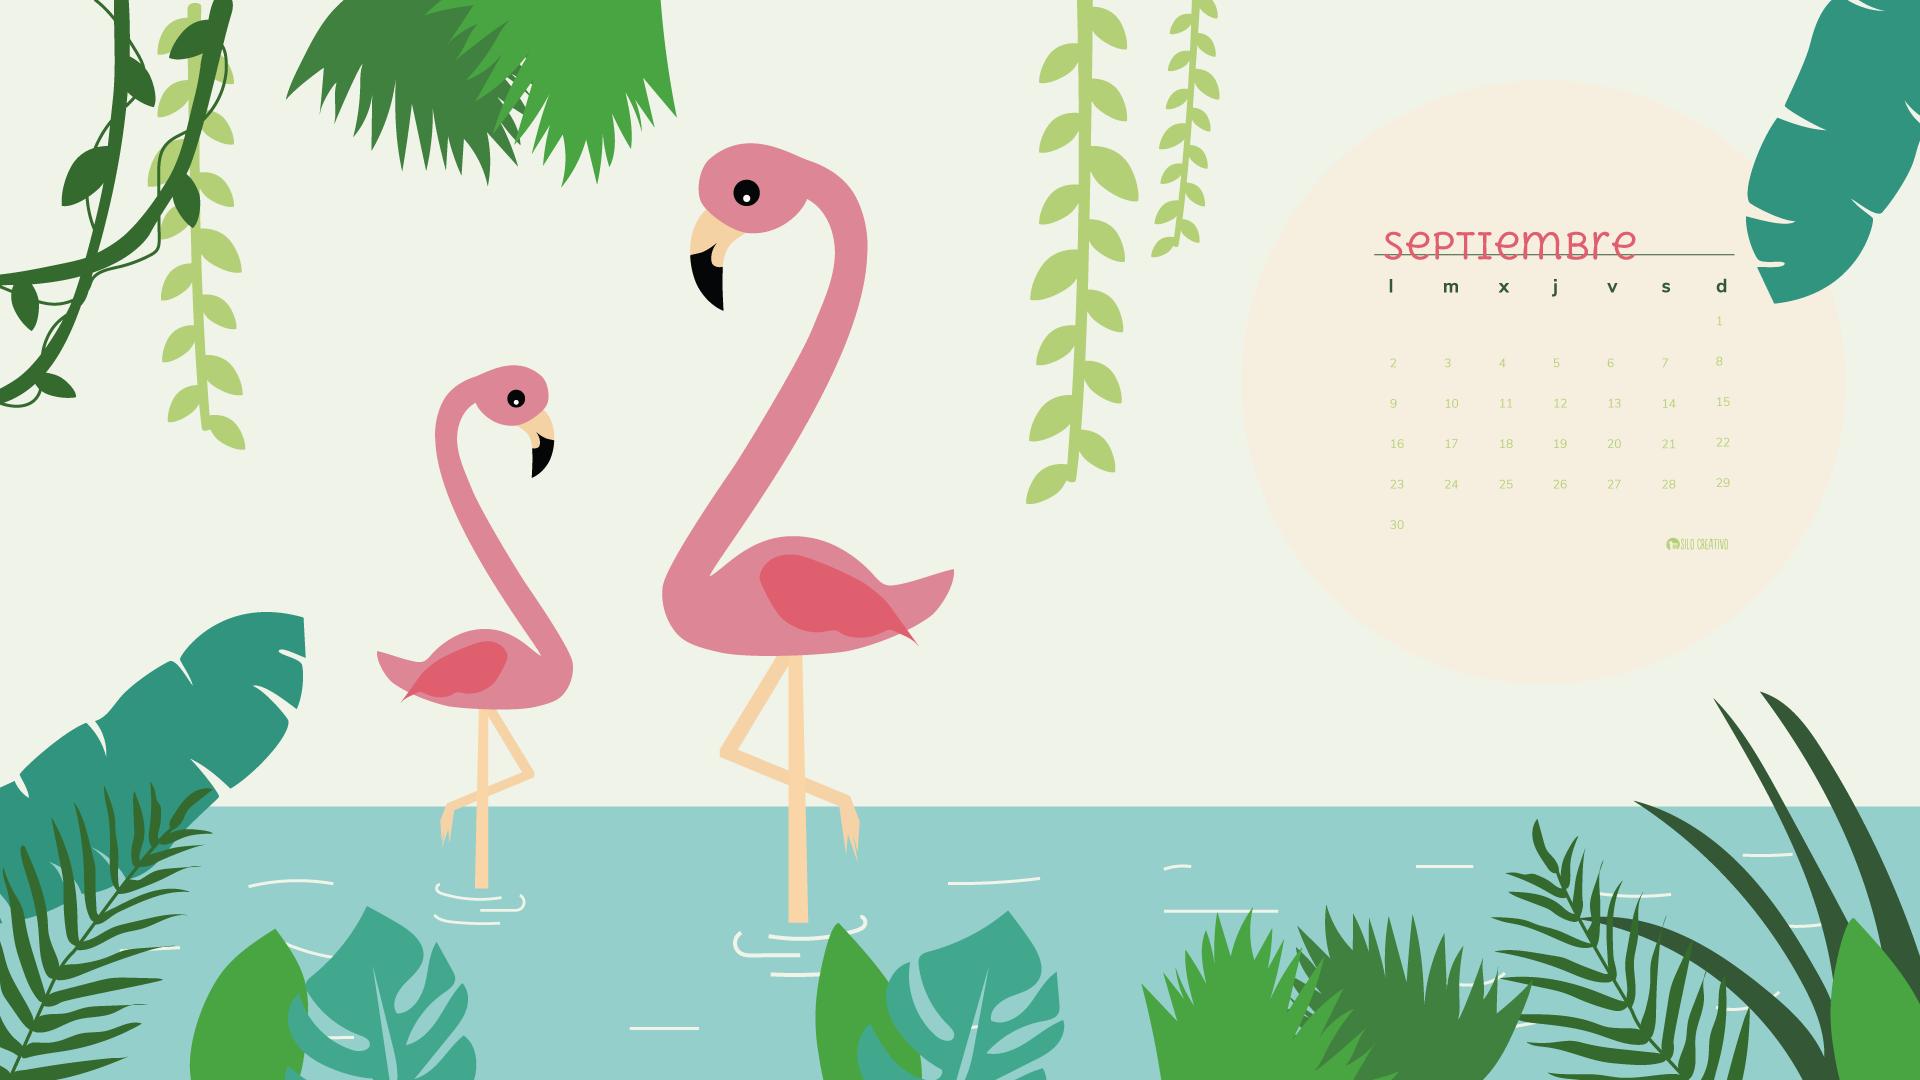 Calendario Rosa Png.Calendario Descargable Septiembre 2019 Silo Creativo